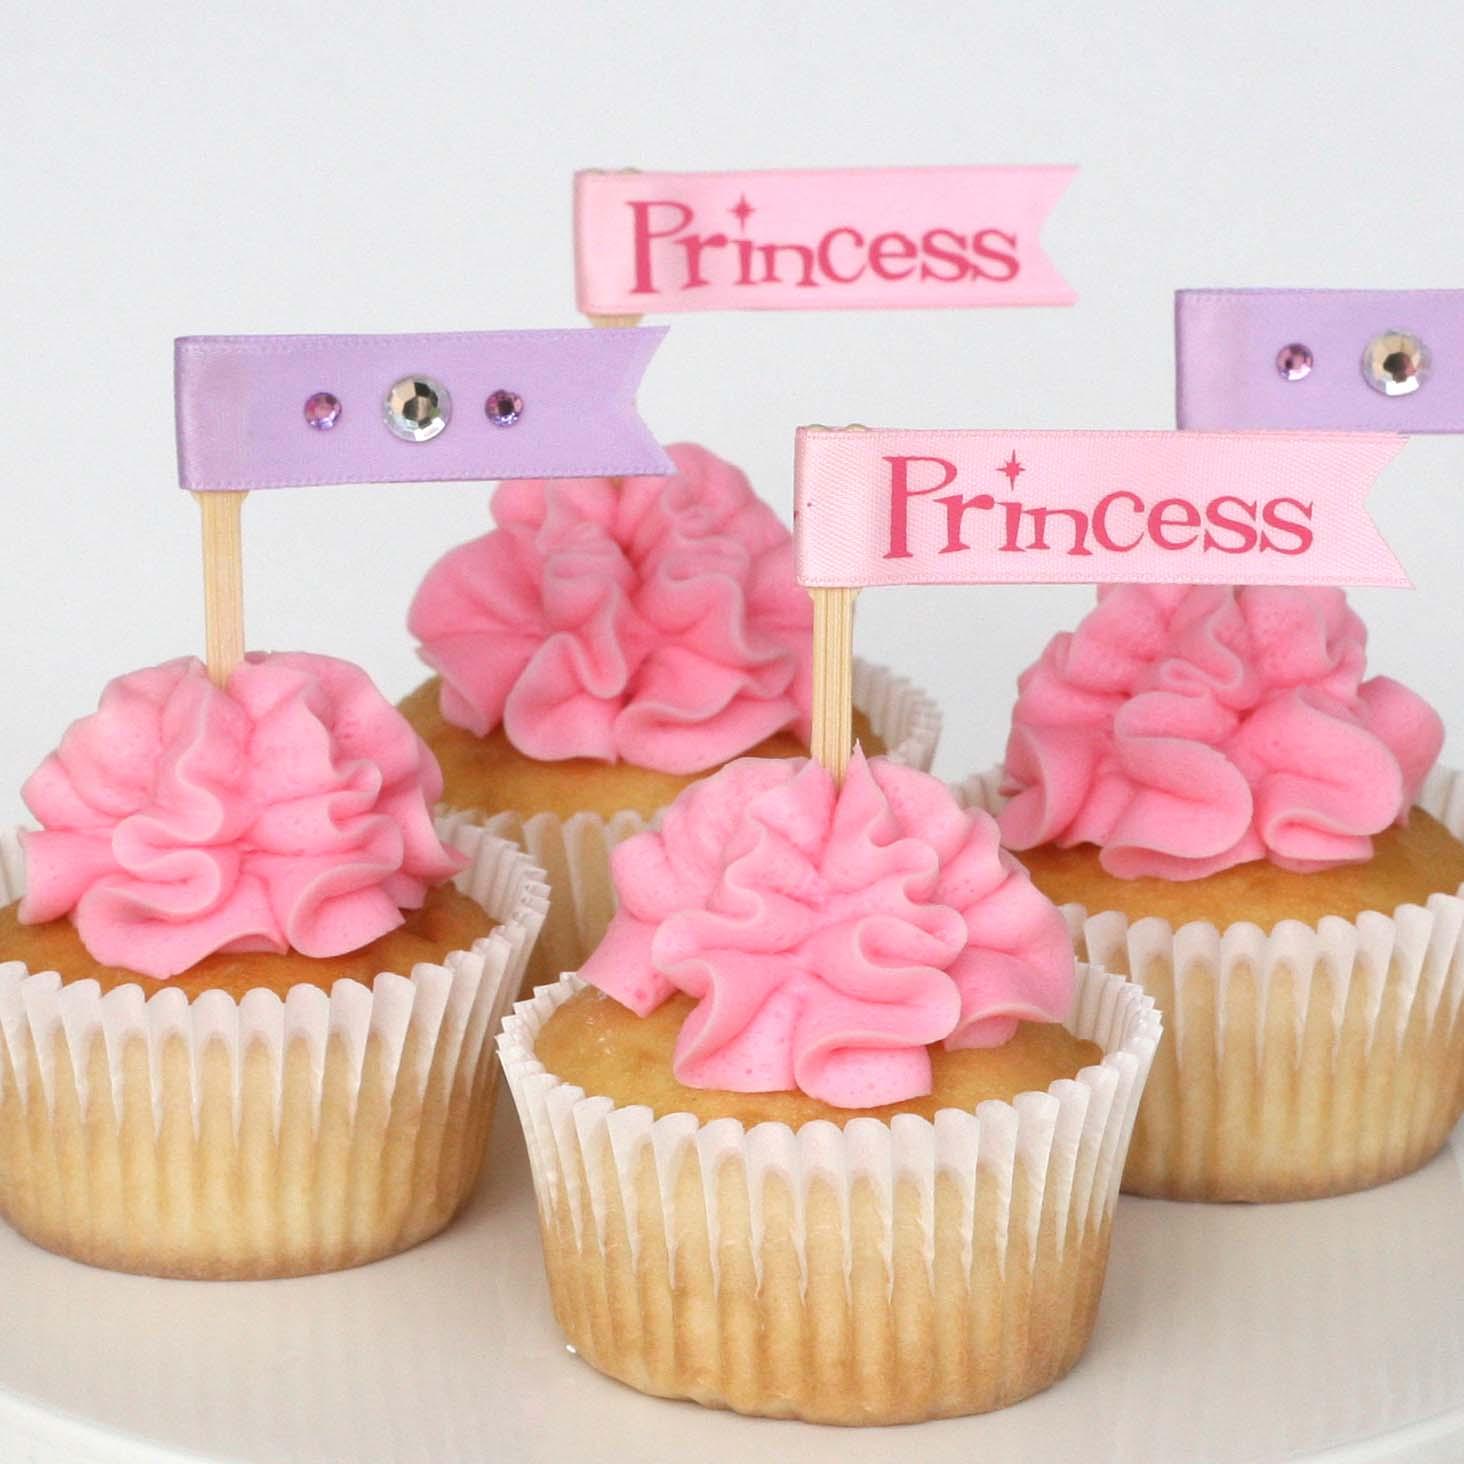 Cupcake Home Decor: Glorious Treats: Cupcake Decorating